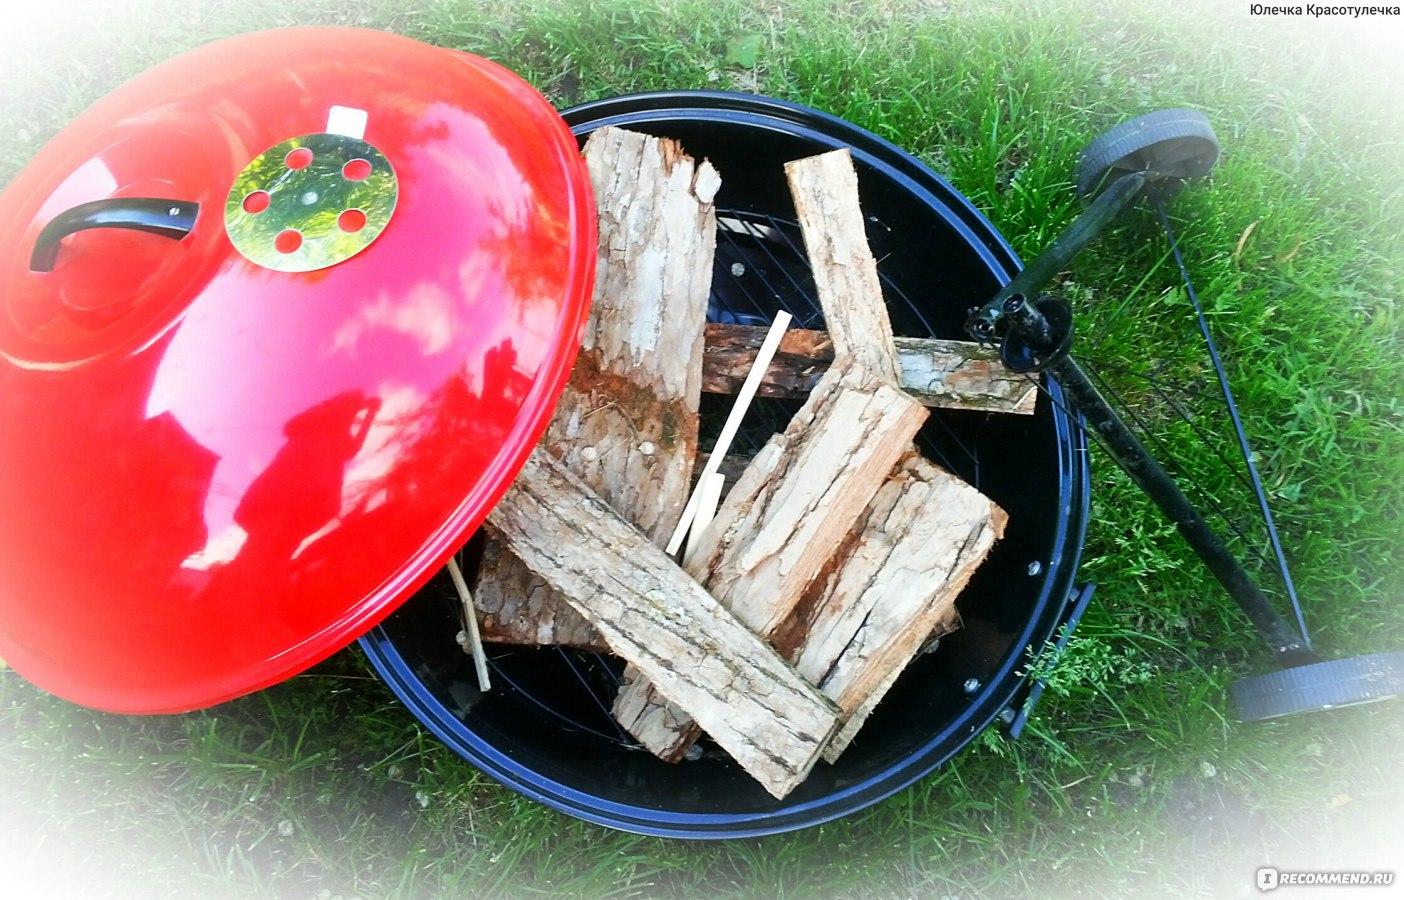 Гриль-барбекю sundays zd-603 отзывы портал для электрокамина из дерева фото